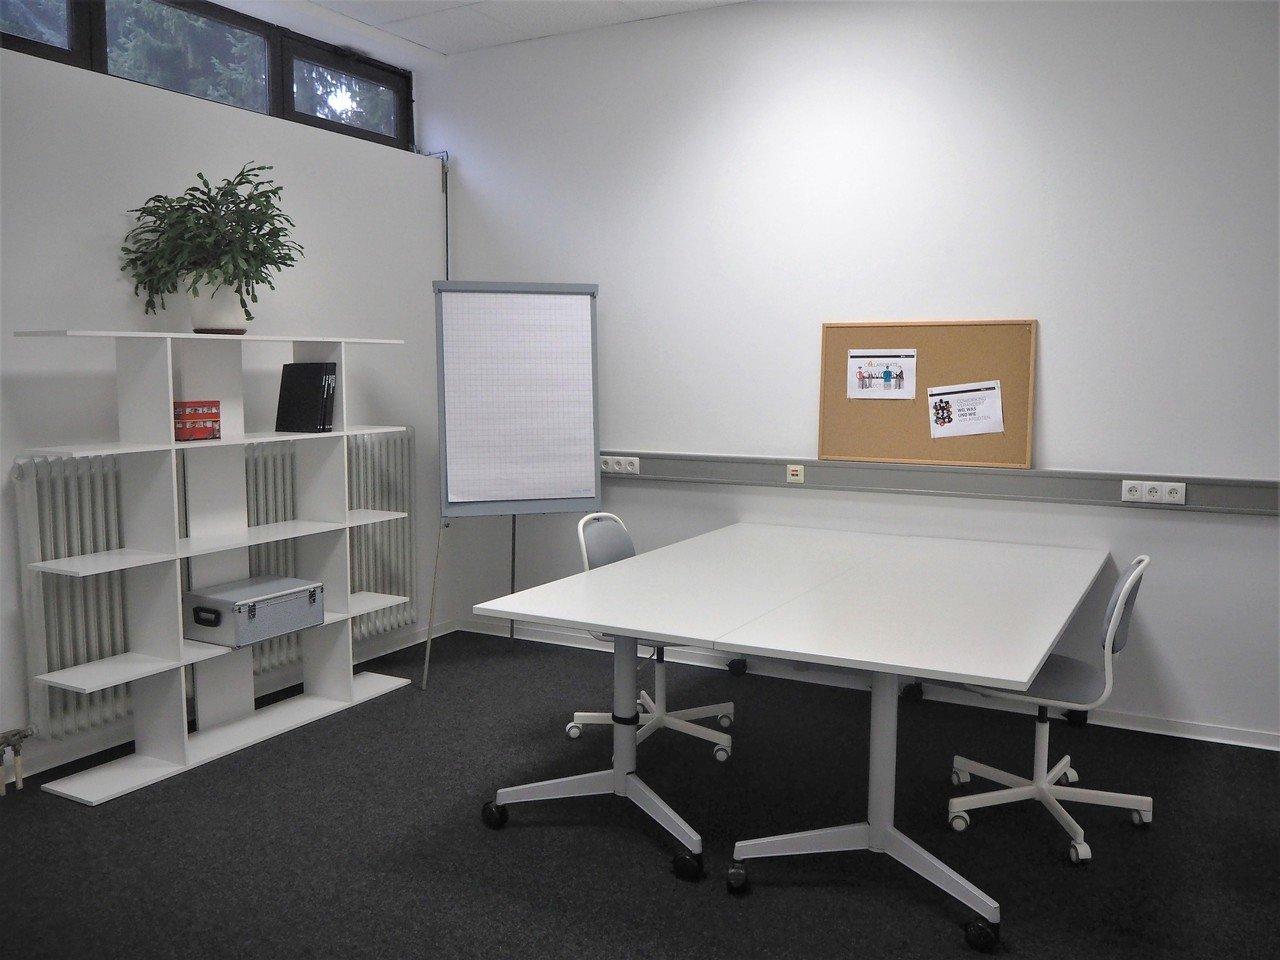 Nürnberg Konferenzräume Meetingraum hib Coworking Projektraum image 1